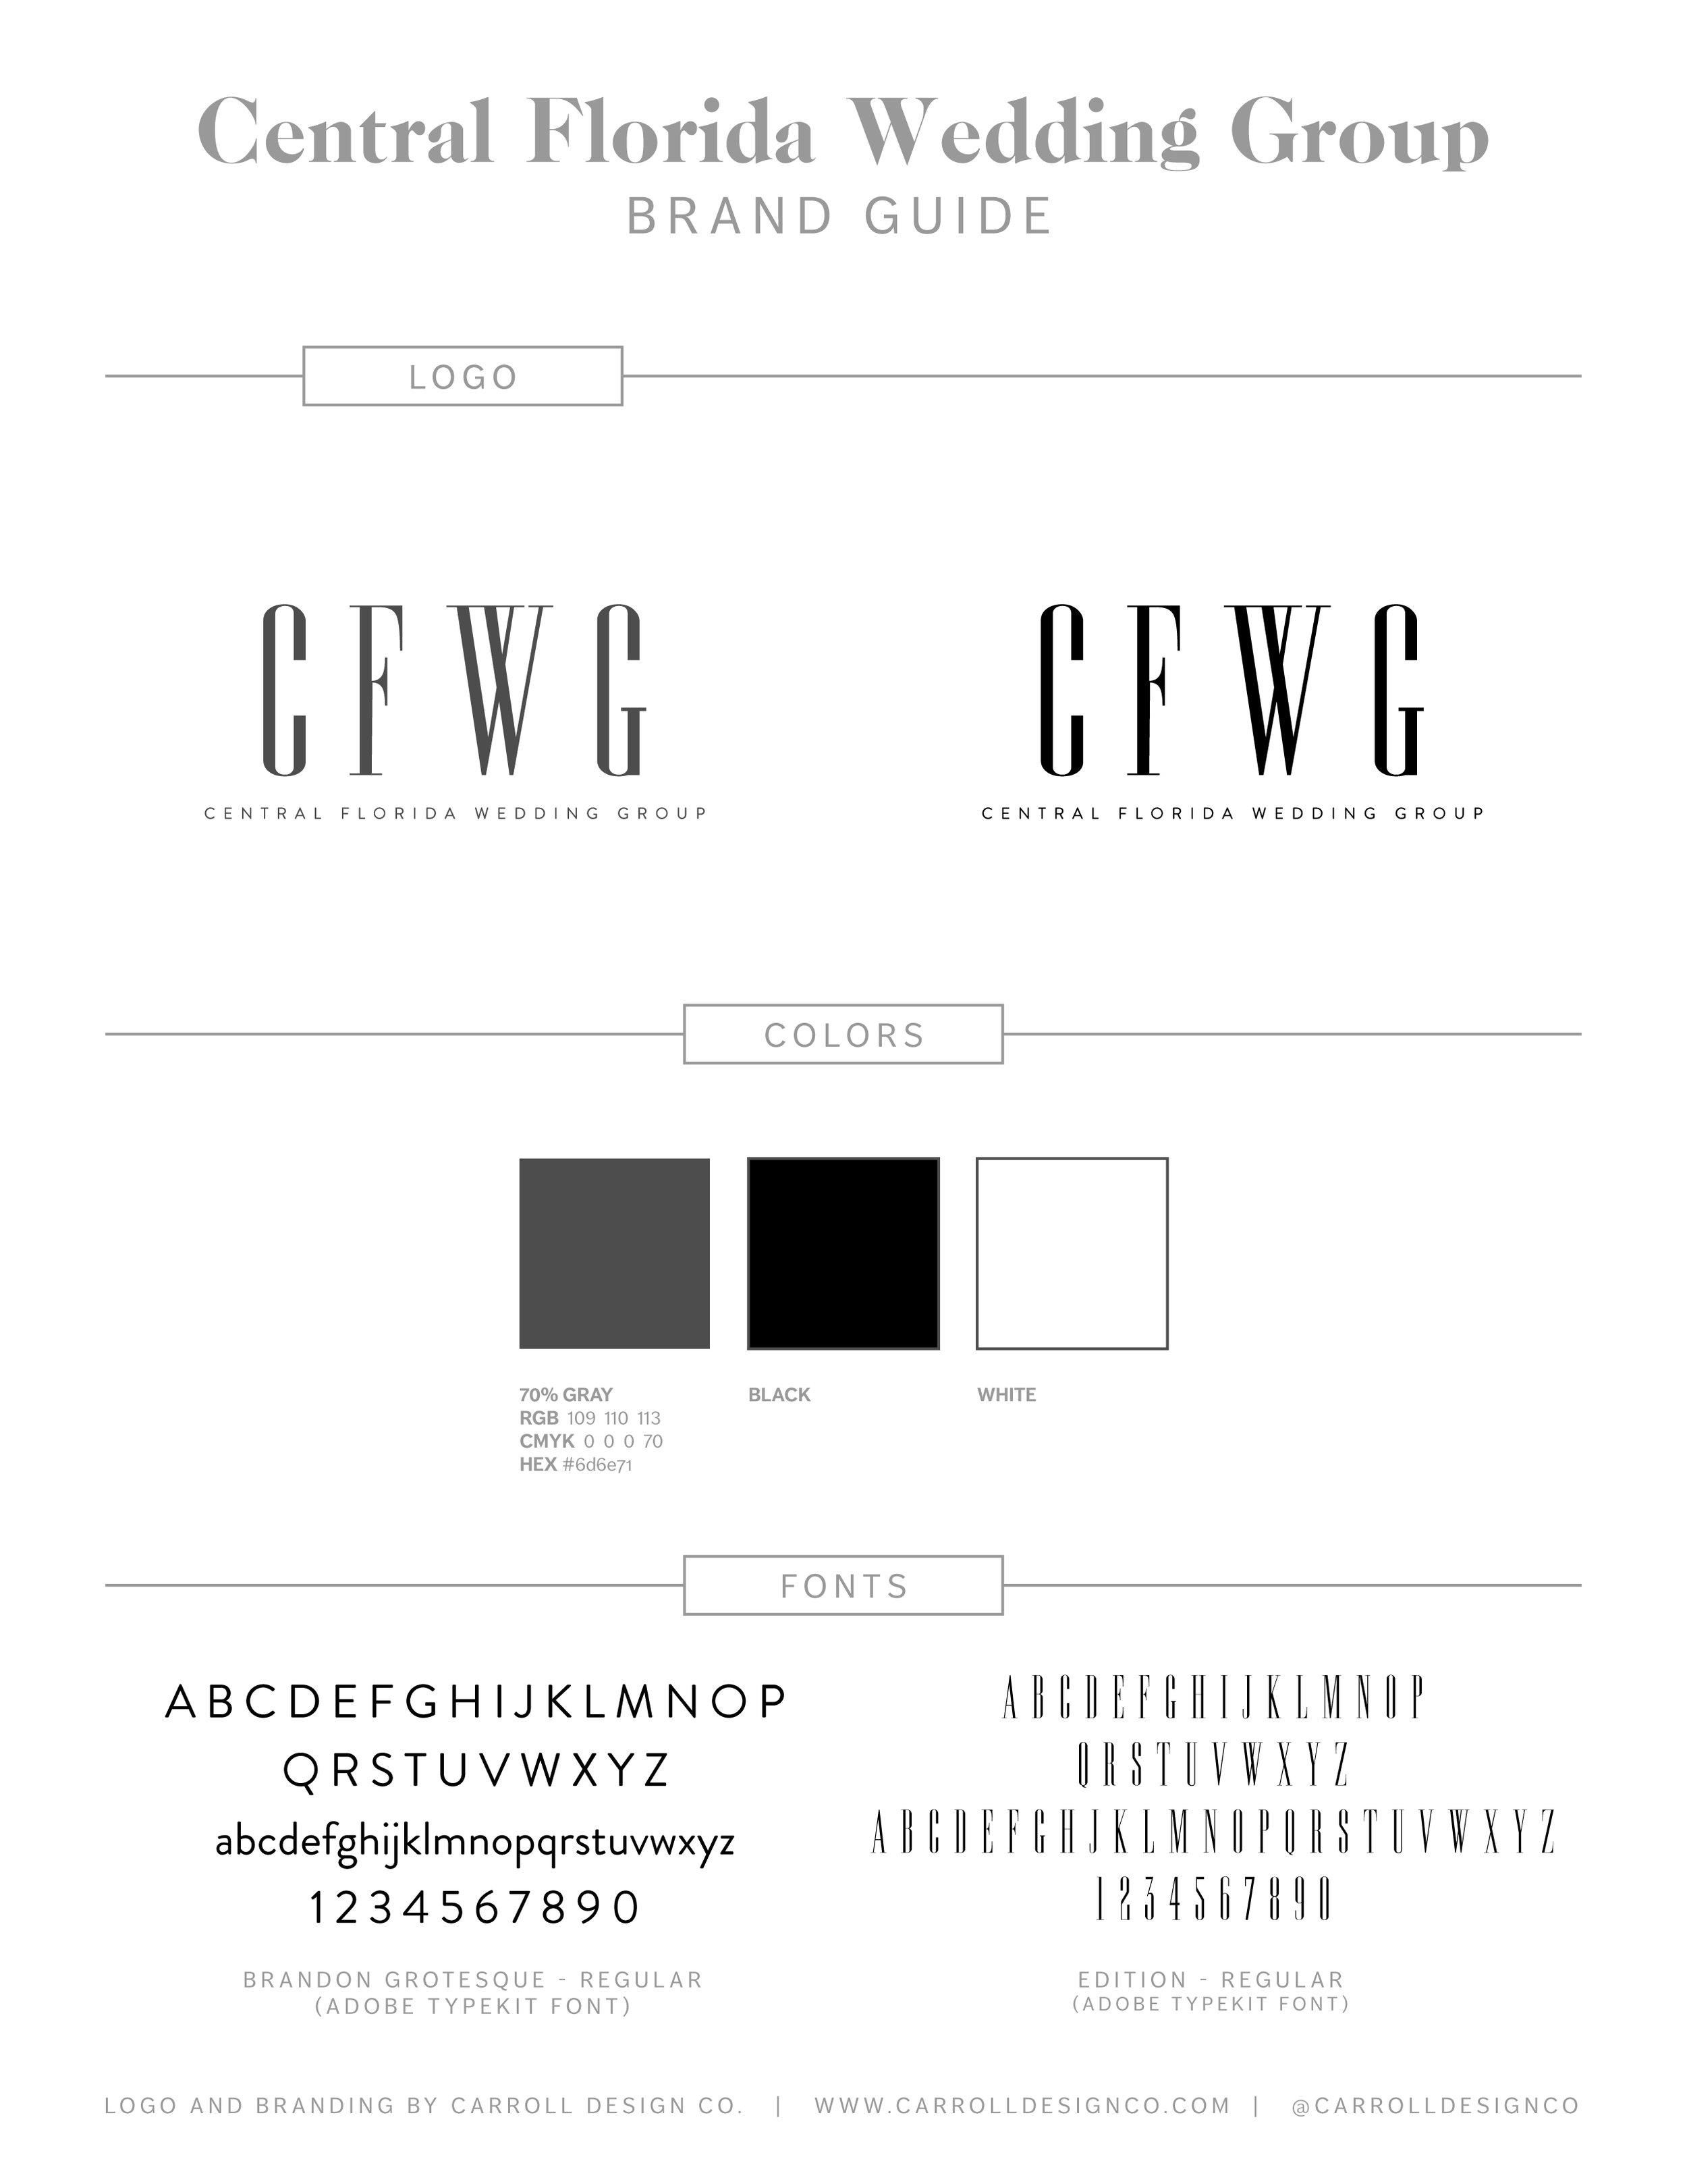 CFWG_Brand Guide.jpg